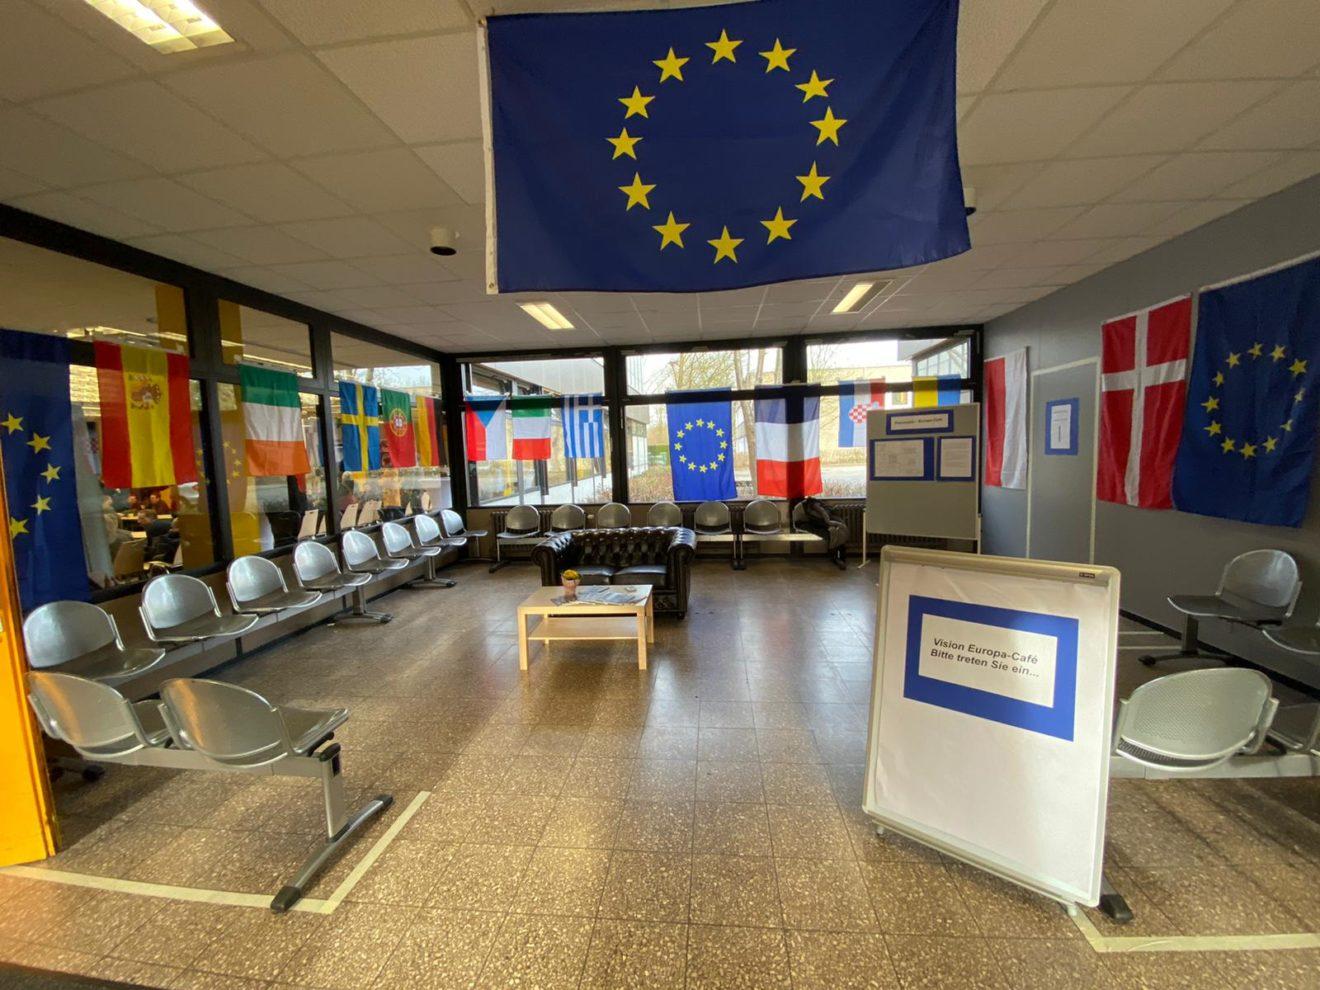 Vision Europacafé... Ihr seid gefragt!